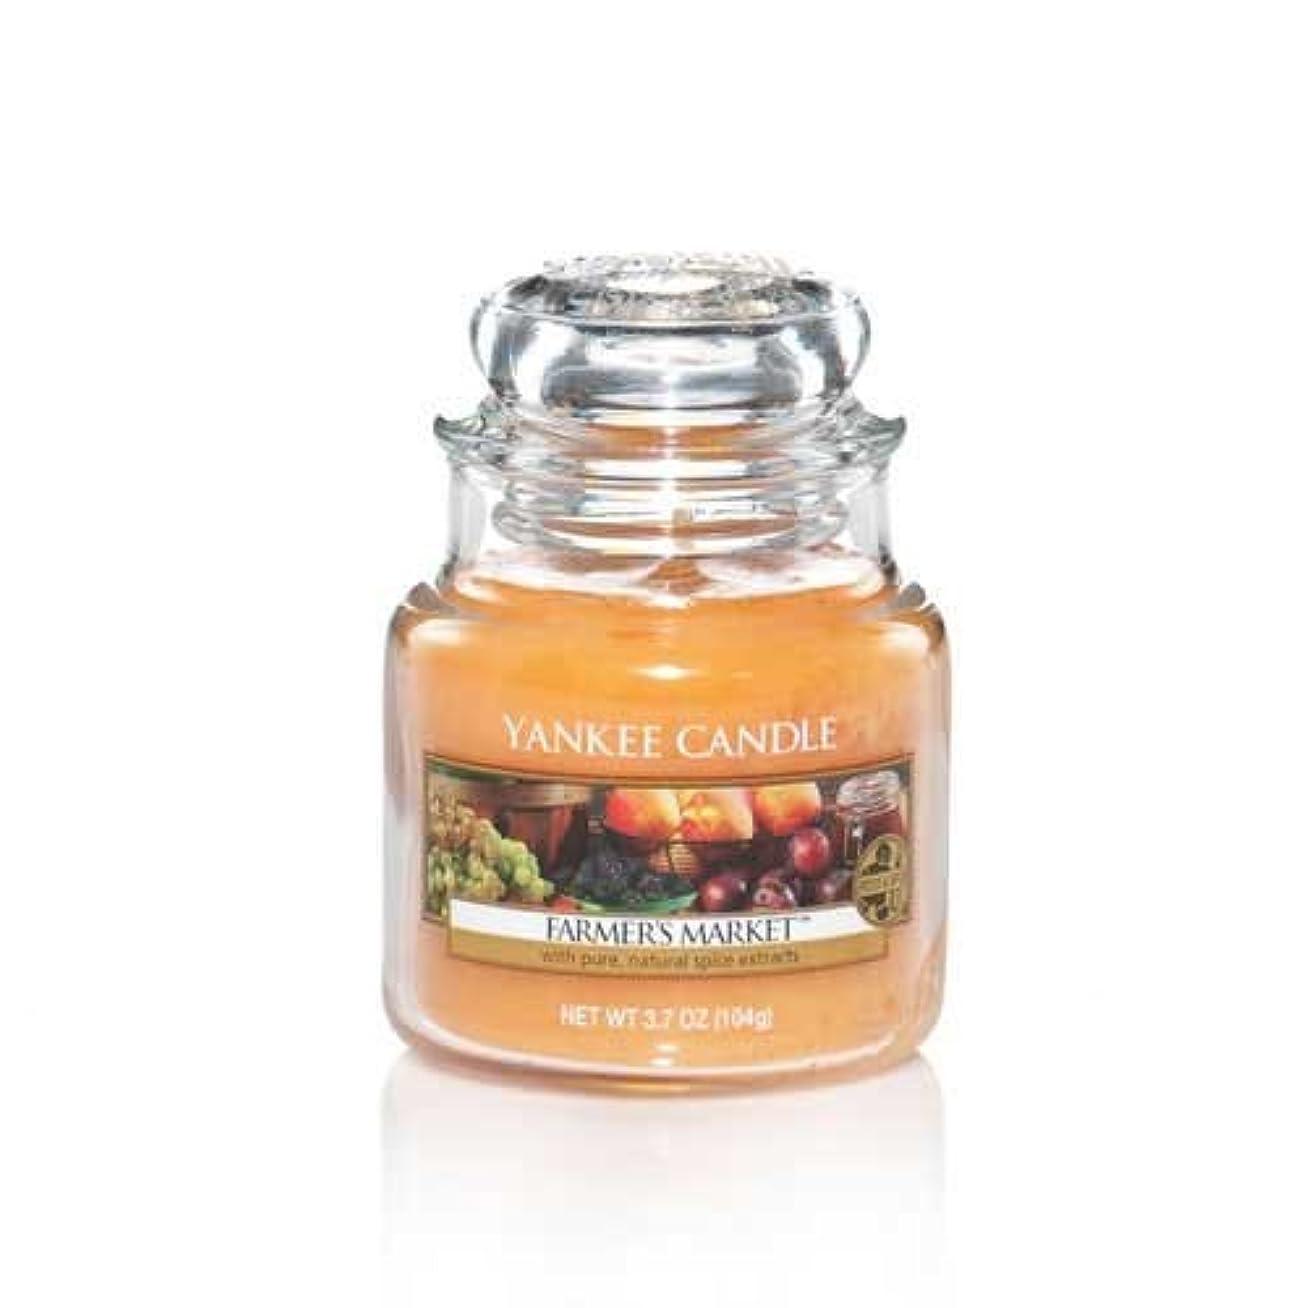 ジャズ動作定常Yankee Candle Farmer 's Market Small Jar Candle, Food & Spice香り